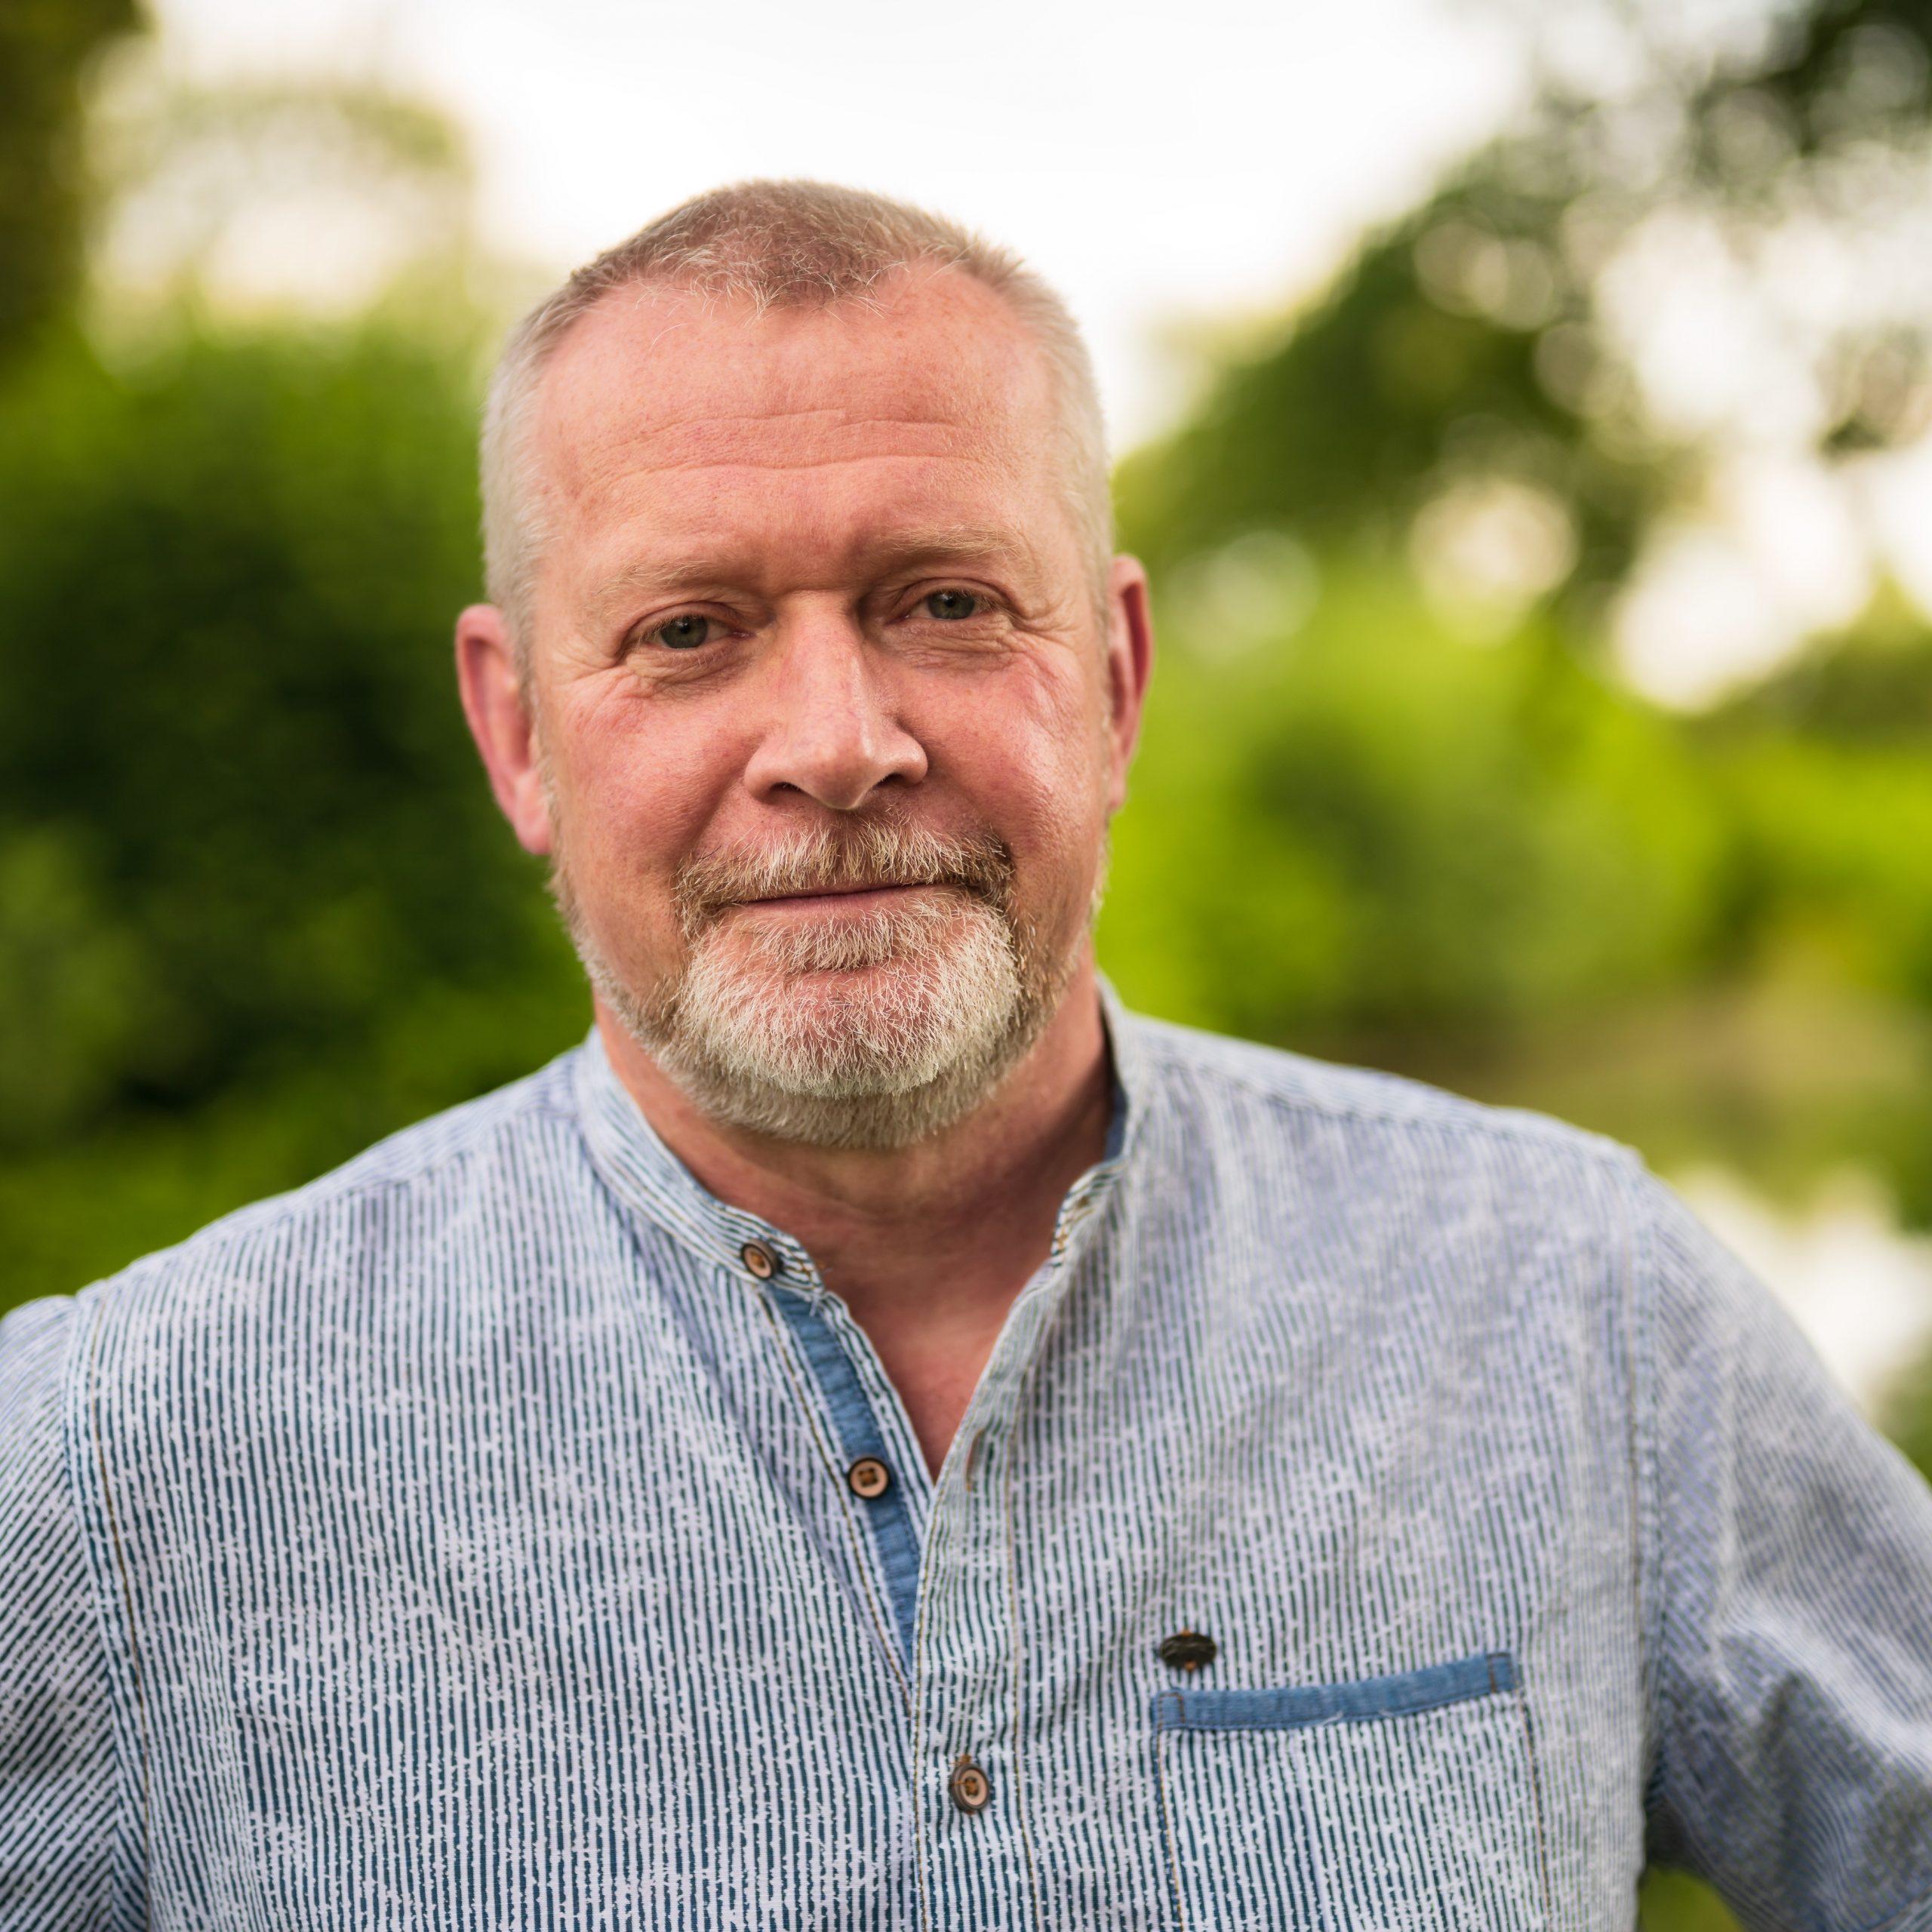 Werner Schulte, stellvertretender Fraktionsvorsitzender